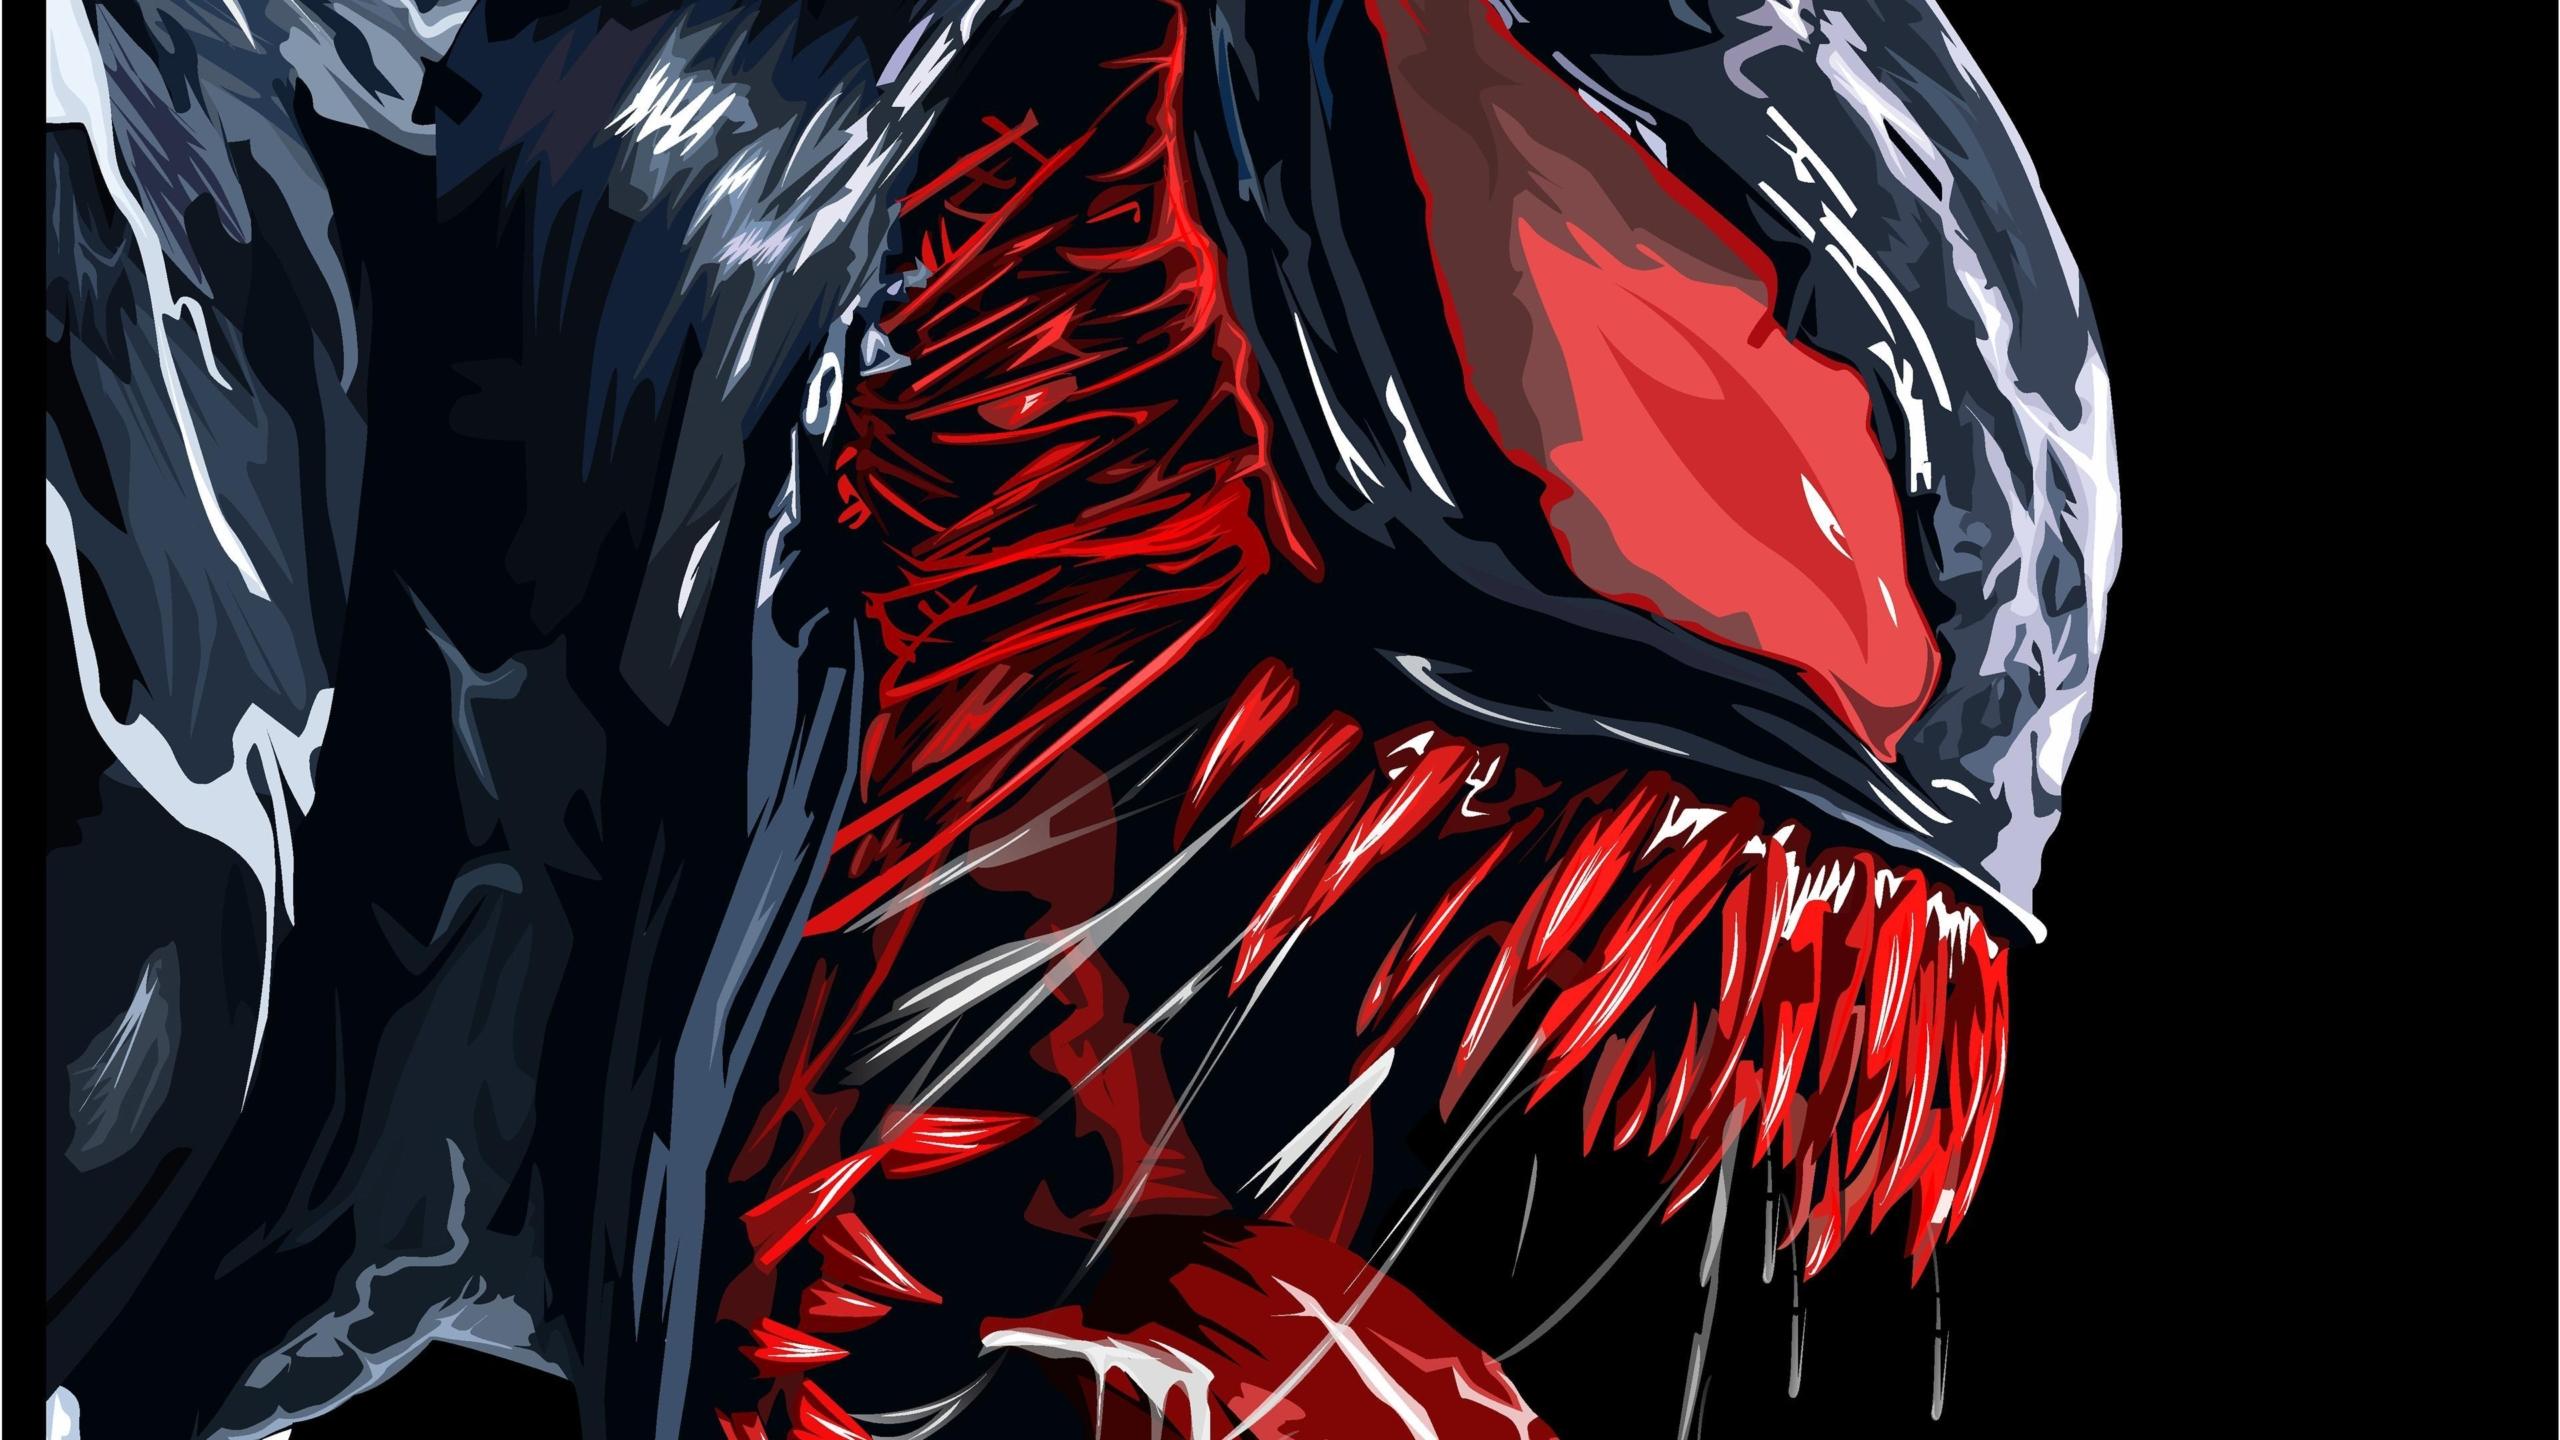 80+ Venom Wallpaper Ideas for Mobile